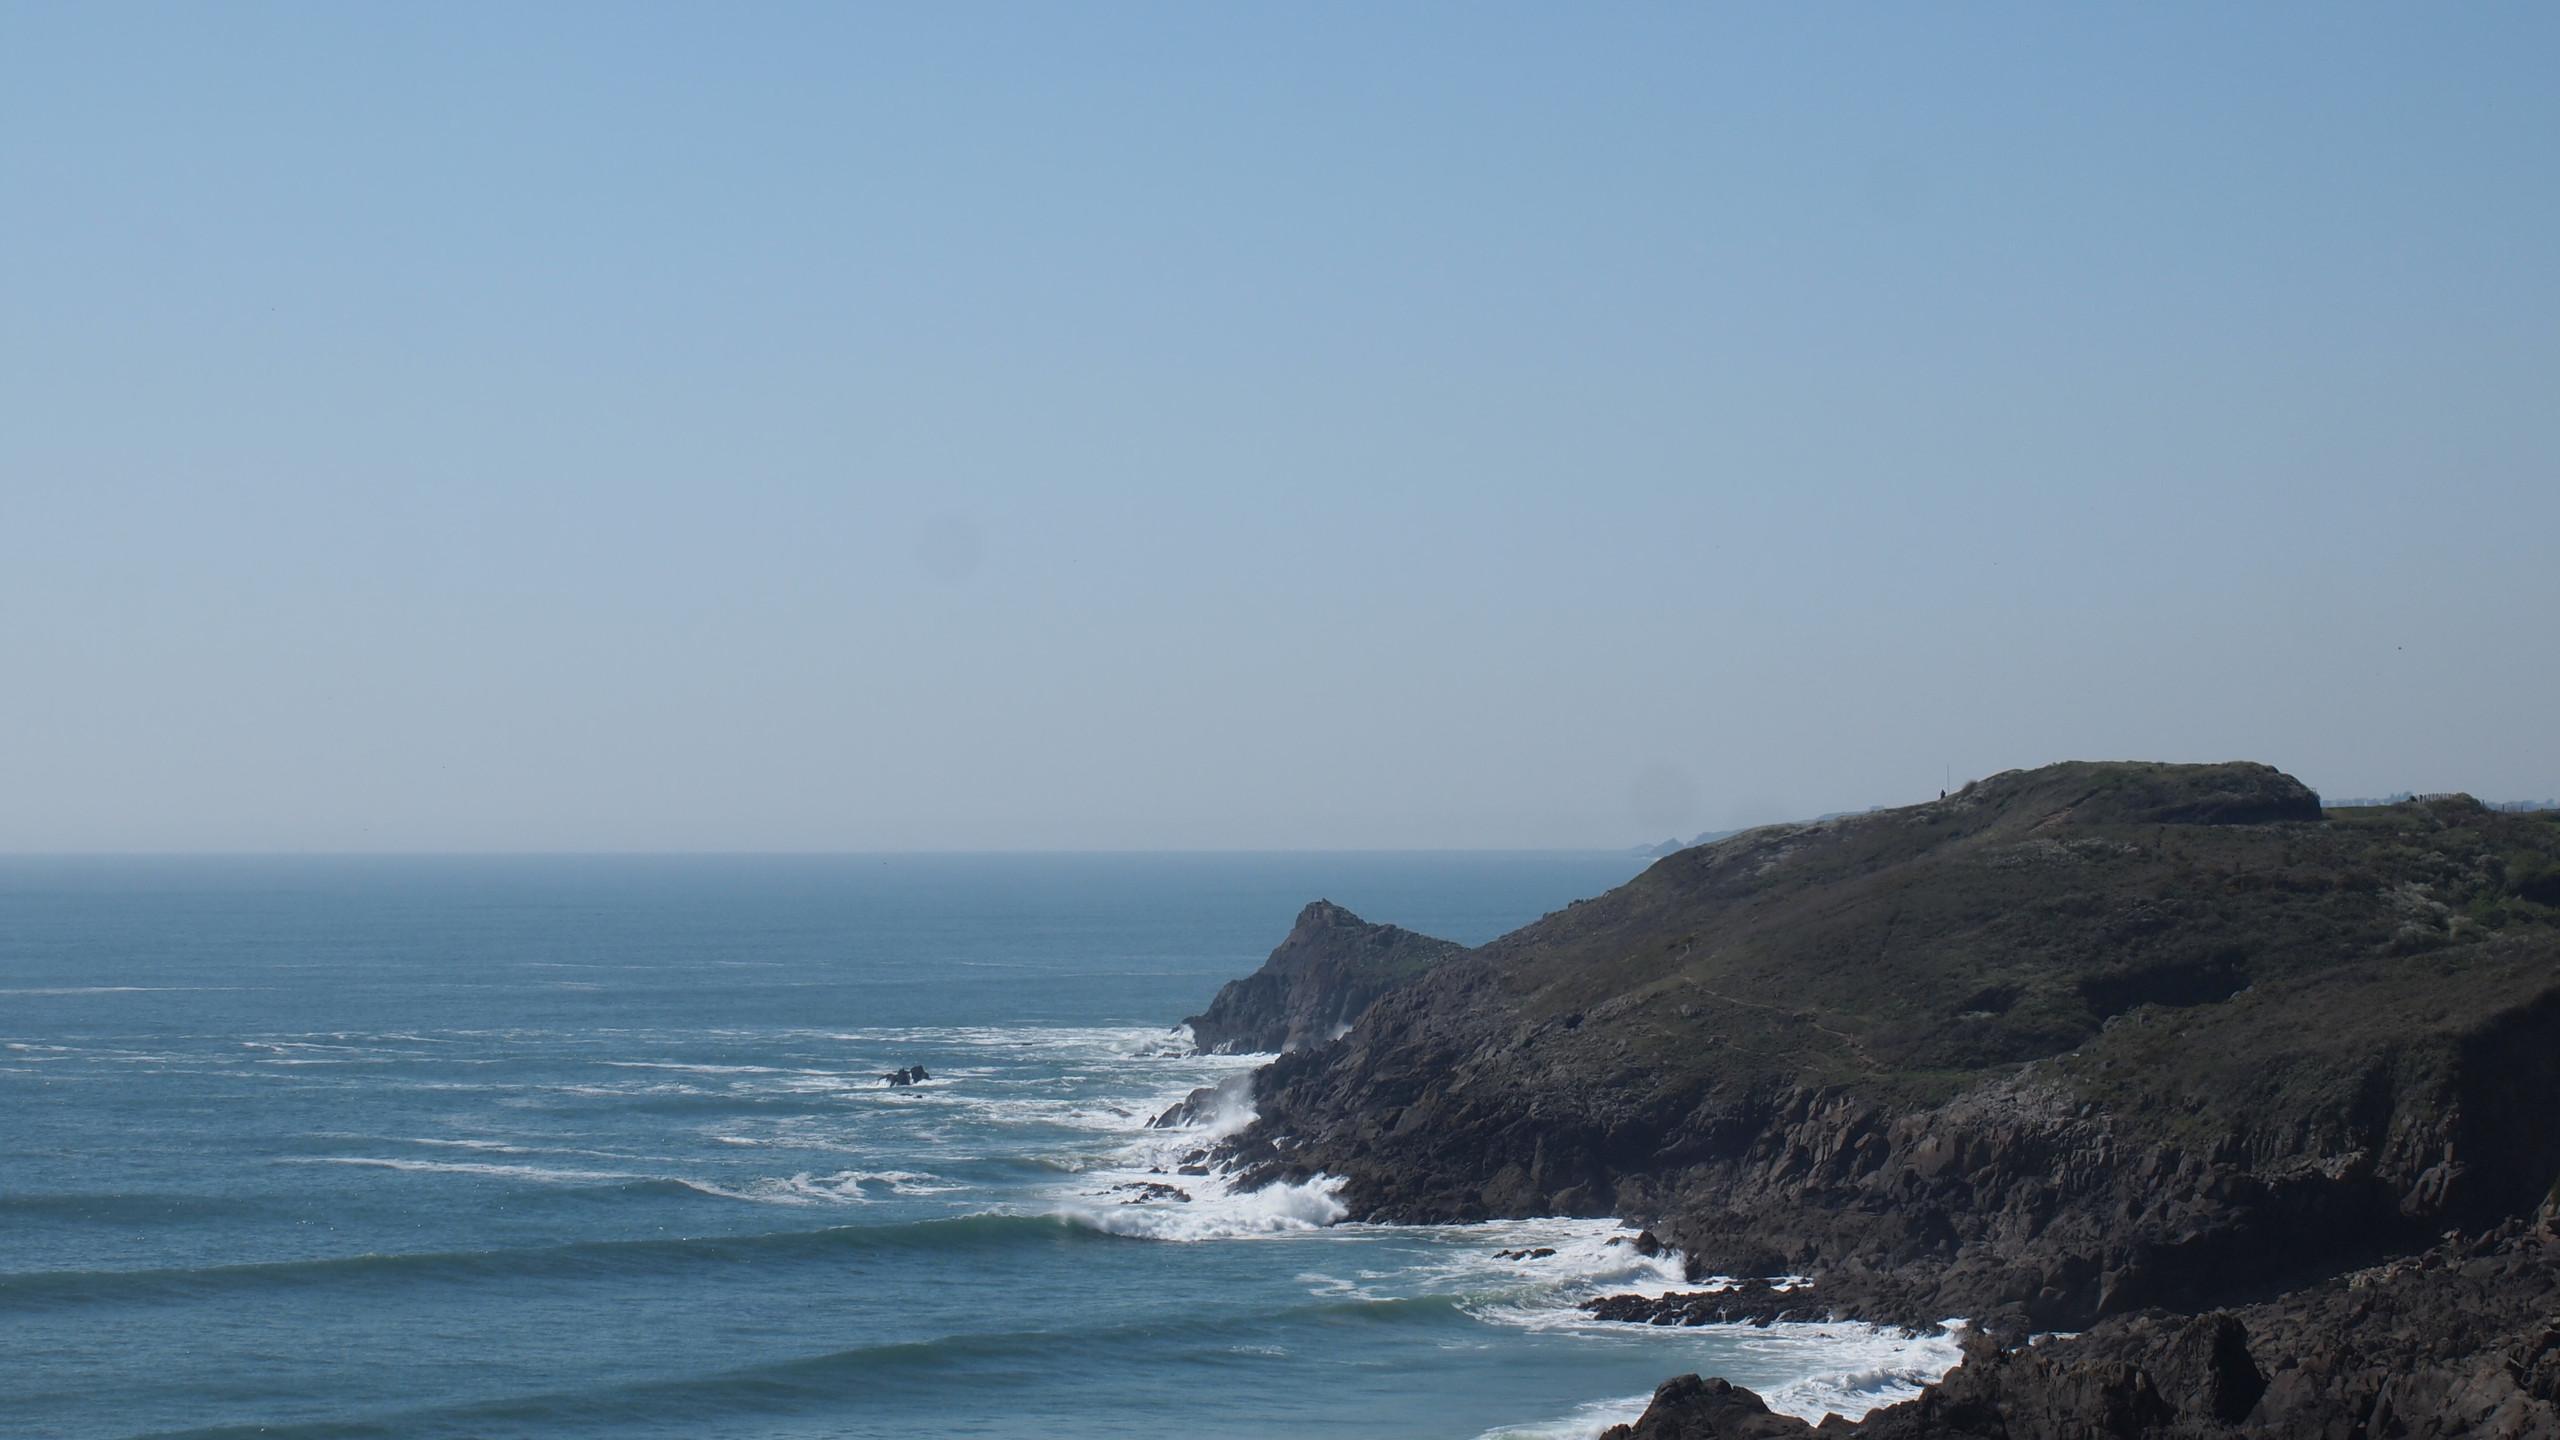 Pointe Grand Minou